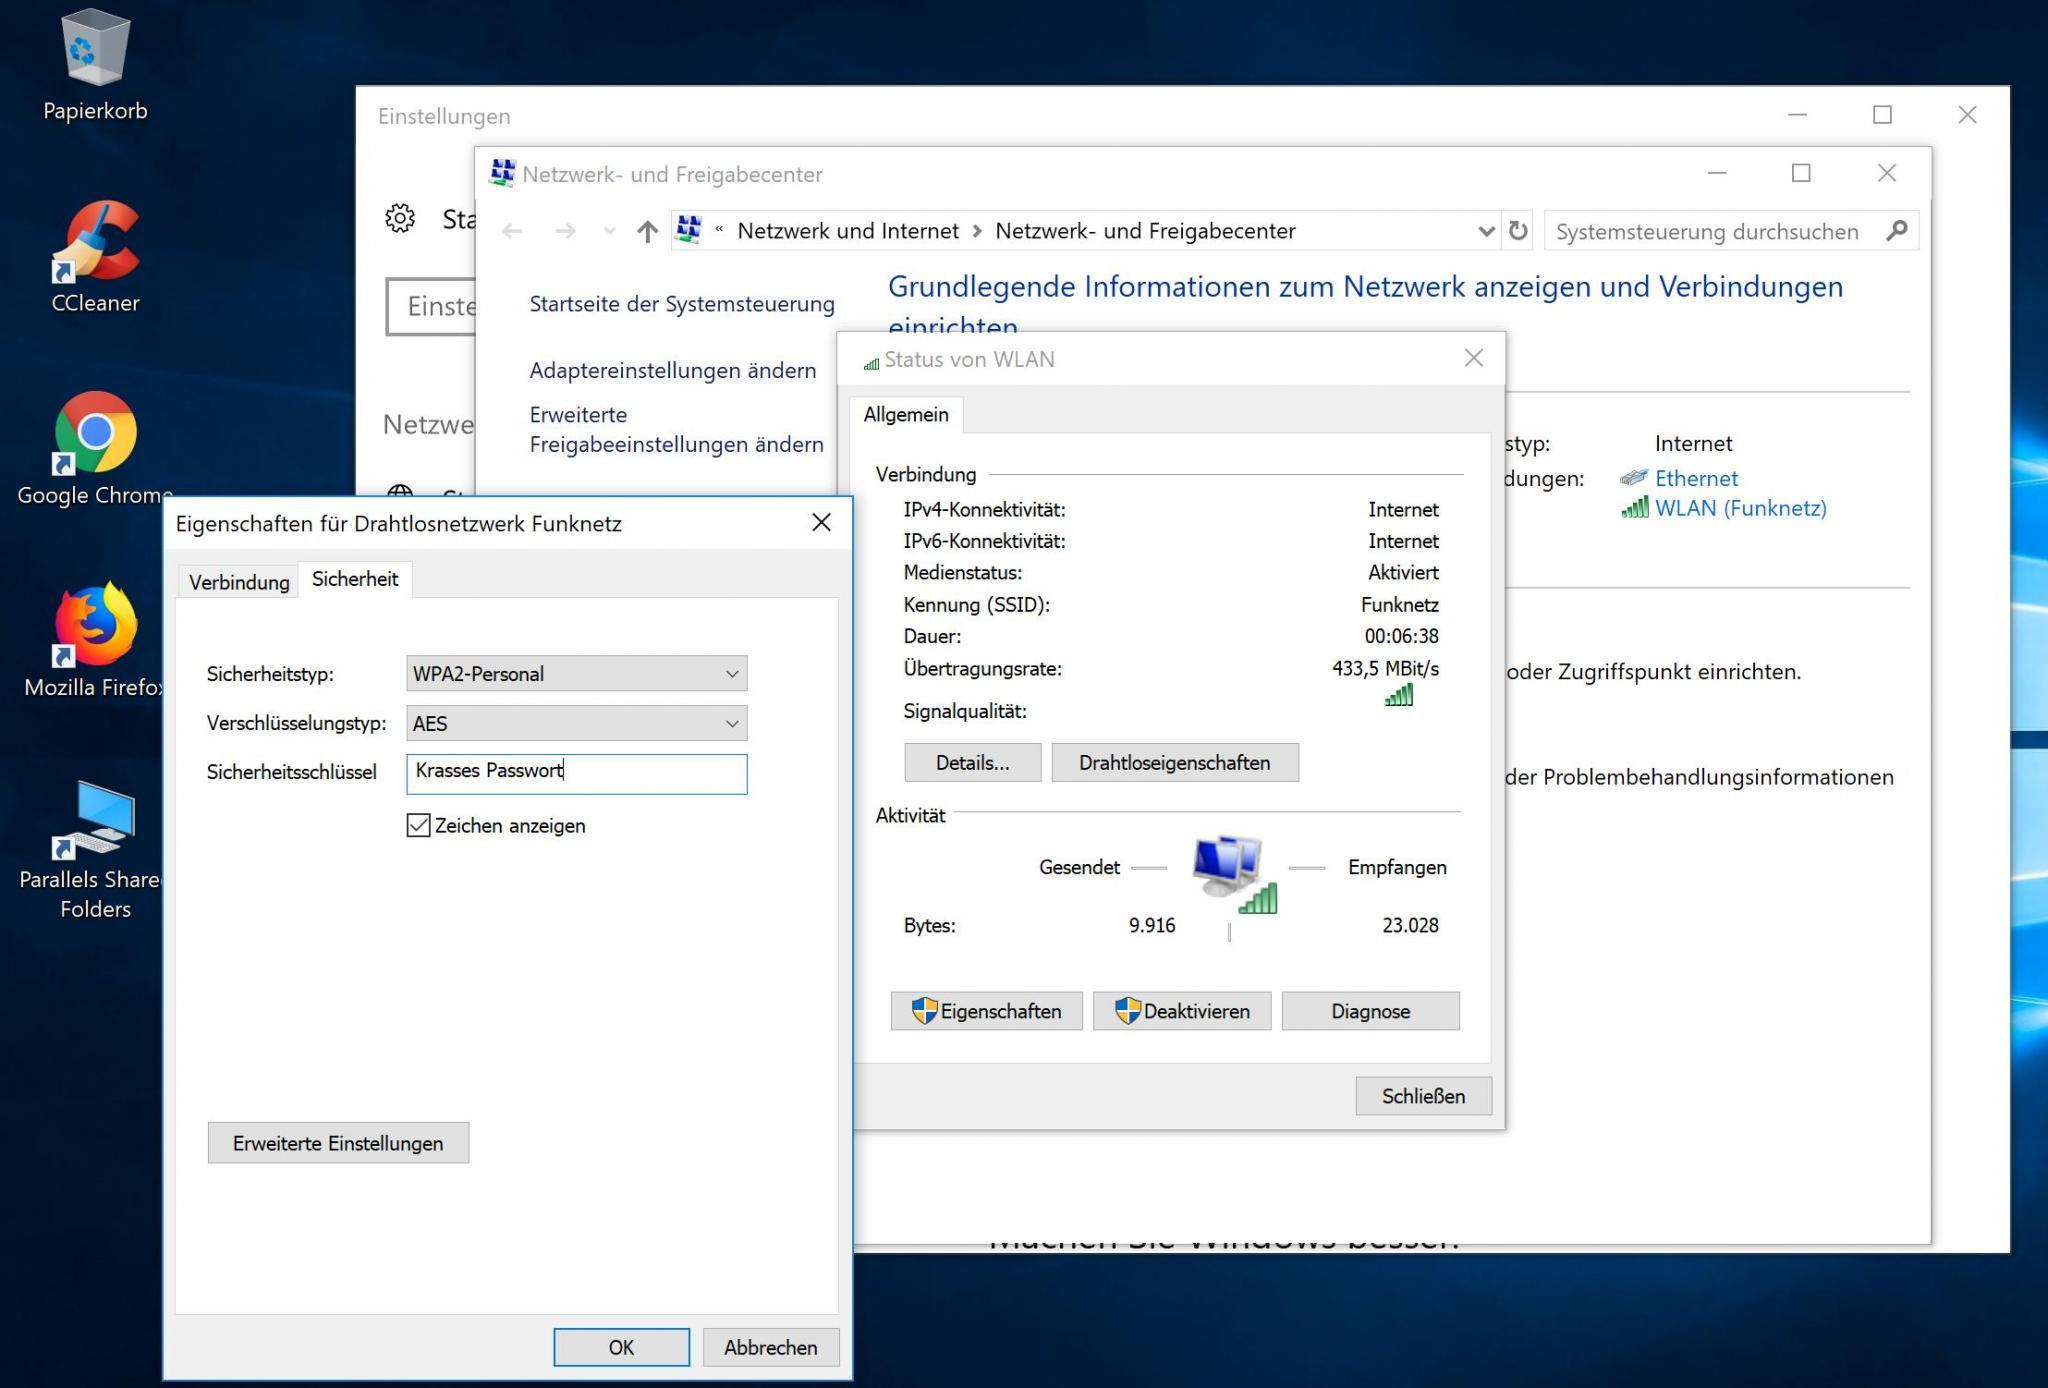 Viele Fenster, doch das Ergebnis ist die Anzeige des WLAN-Passworts unter Windows.